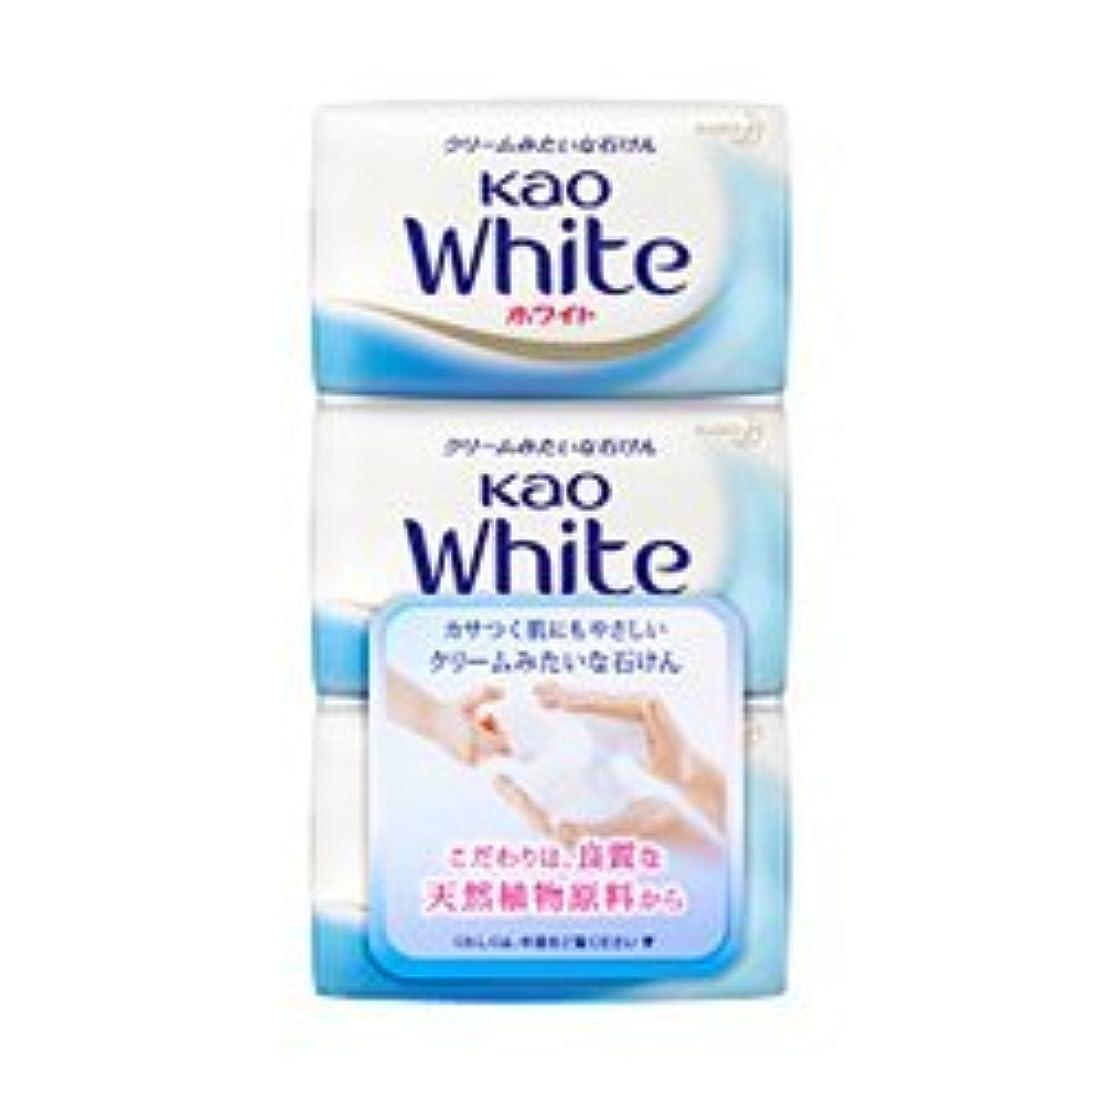 【花王】花王ホワイト レギュラーサイズ (85g×3個) ×5個セット